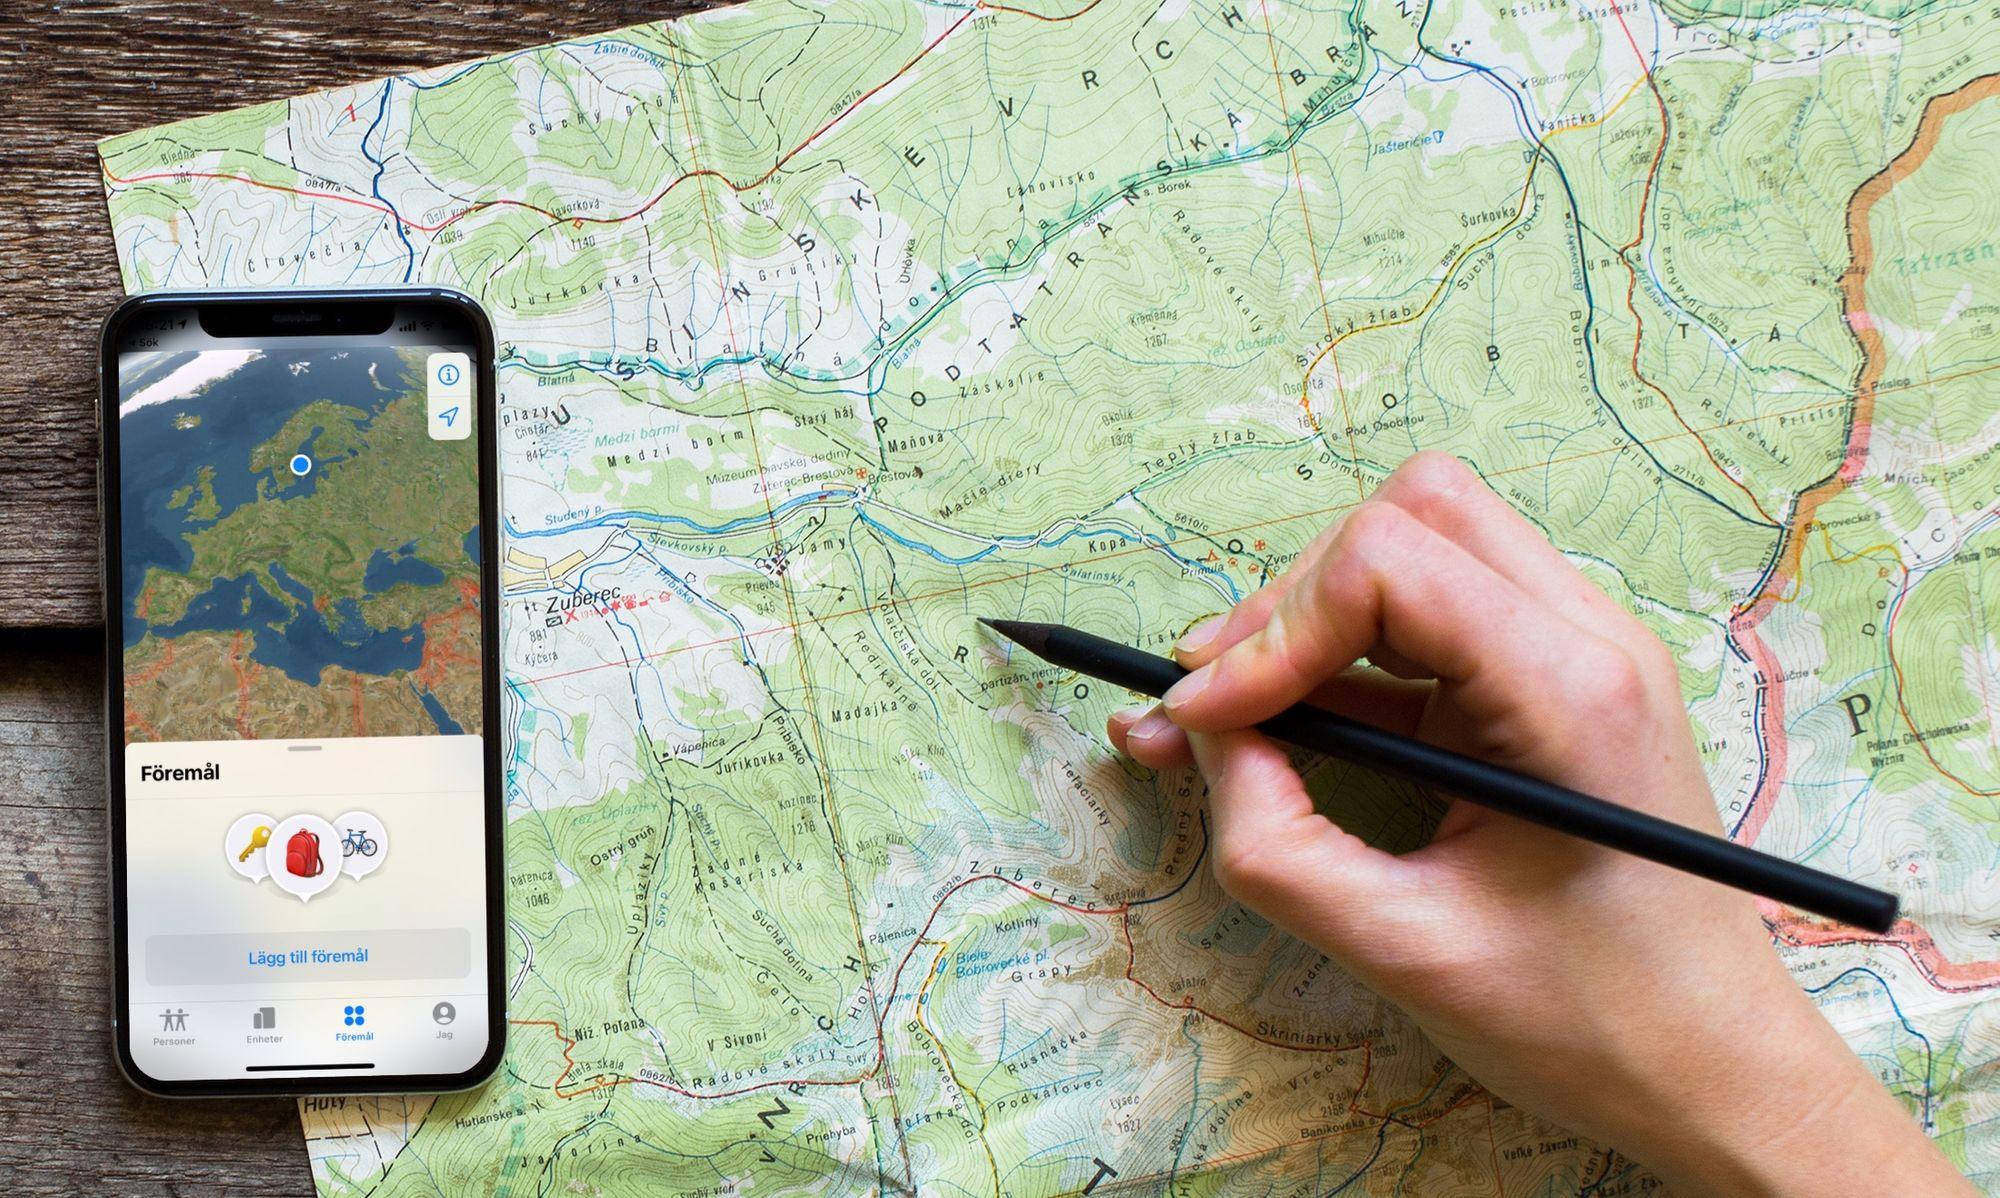 """Bild på iPhone med appen Hitta och menyvalen """"Föremål"""" markerat tillsammans med en karta. Telefonen ligger på ett bord med en fysisk karta och en hand som markerar en position på en karta med en penna."""